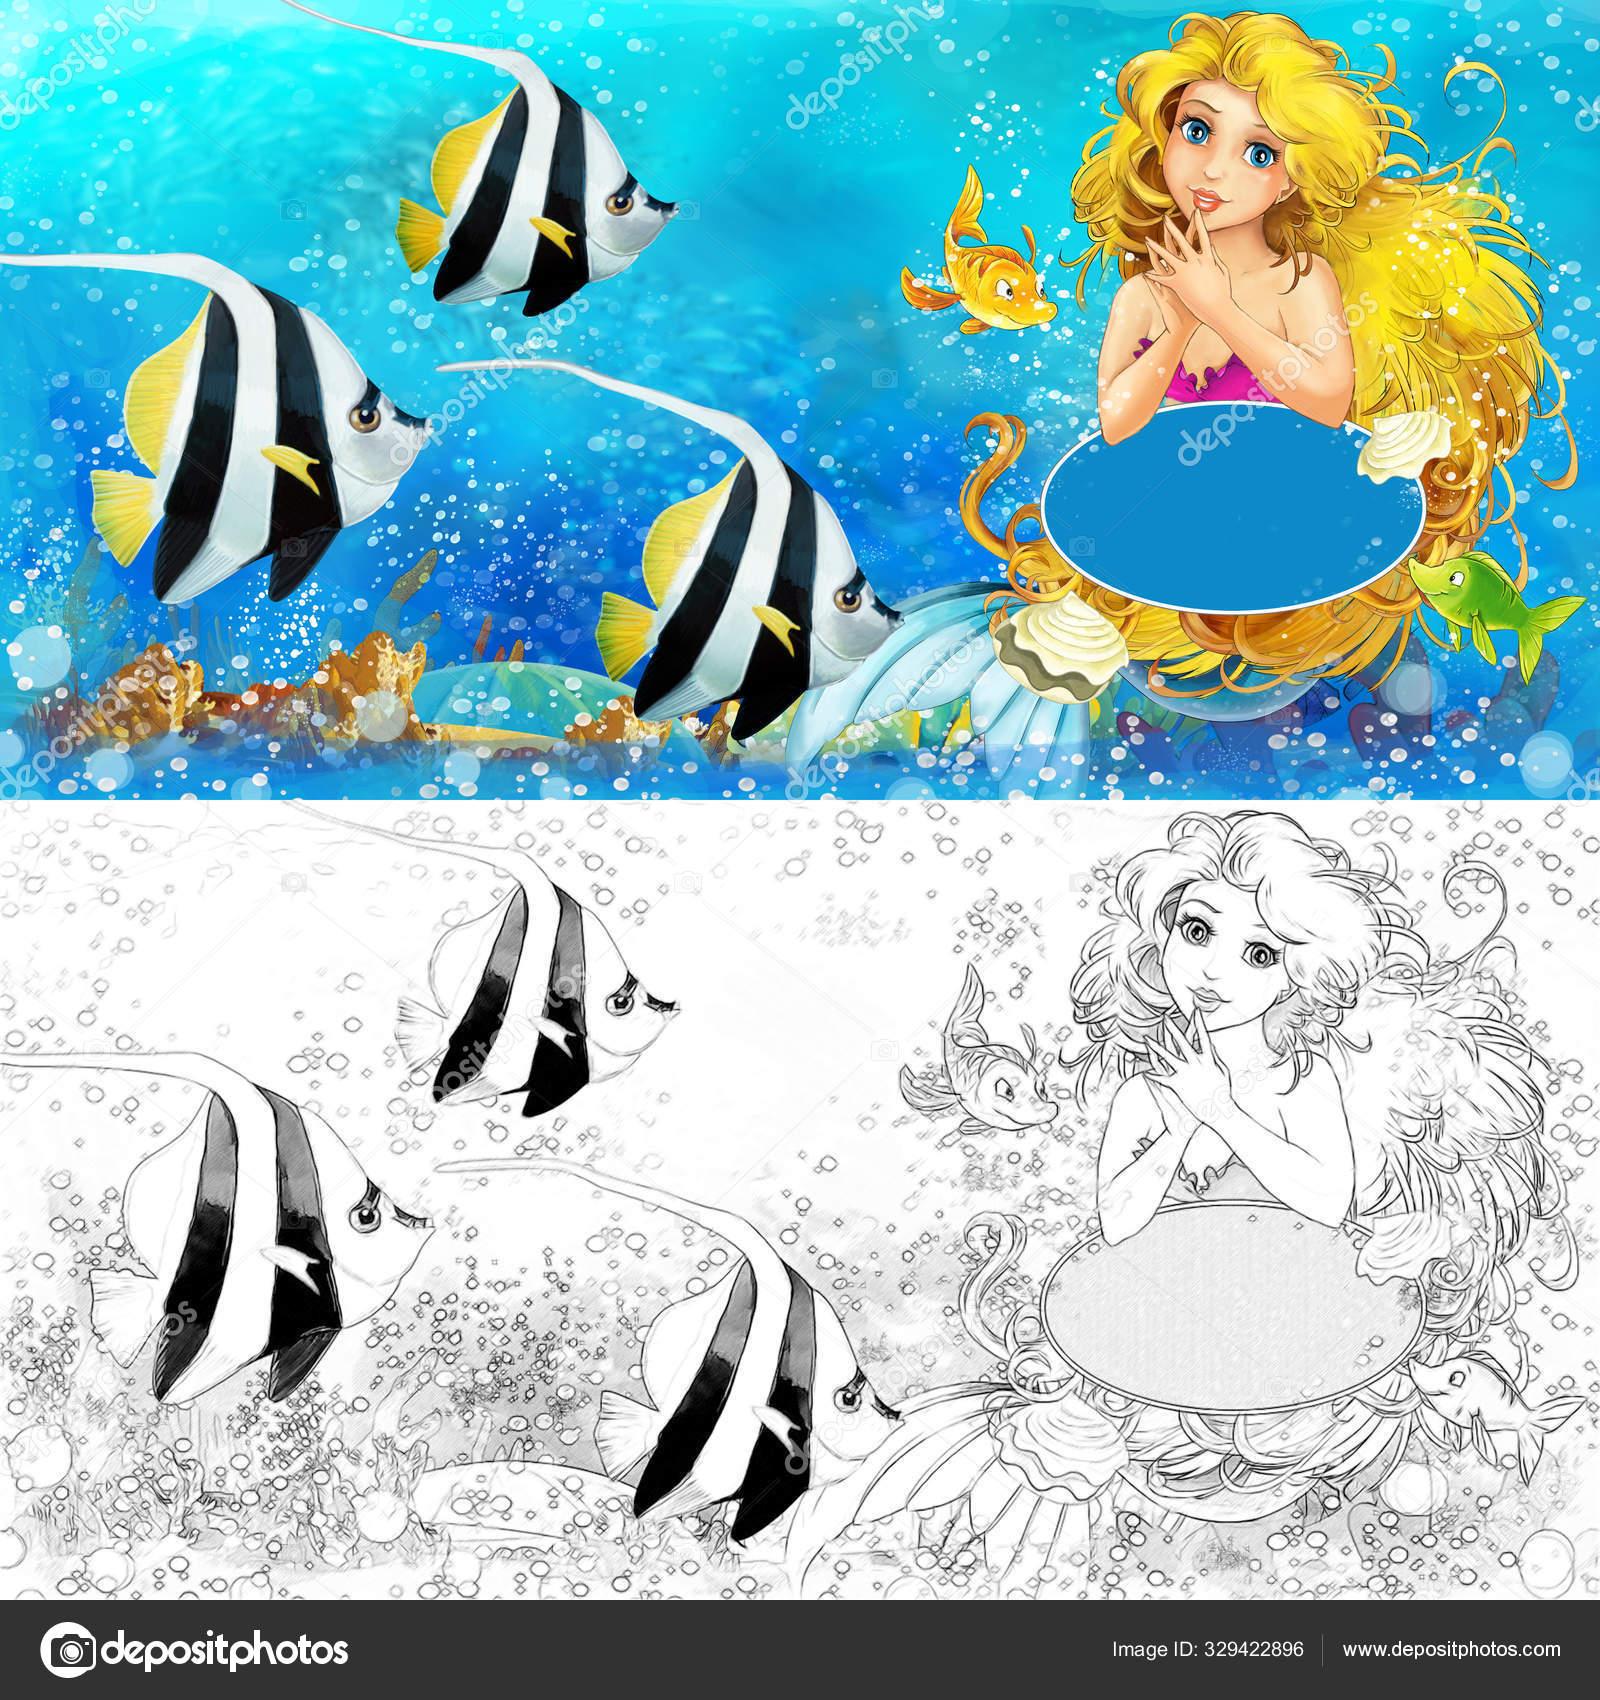 depositphotos stock photo cartoon scene with mermaid princess